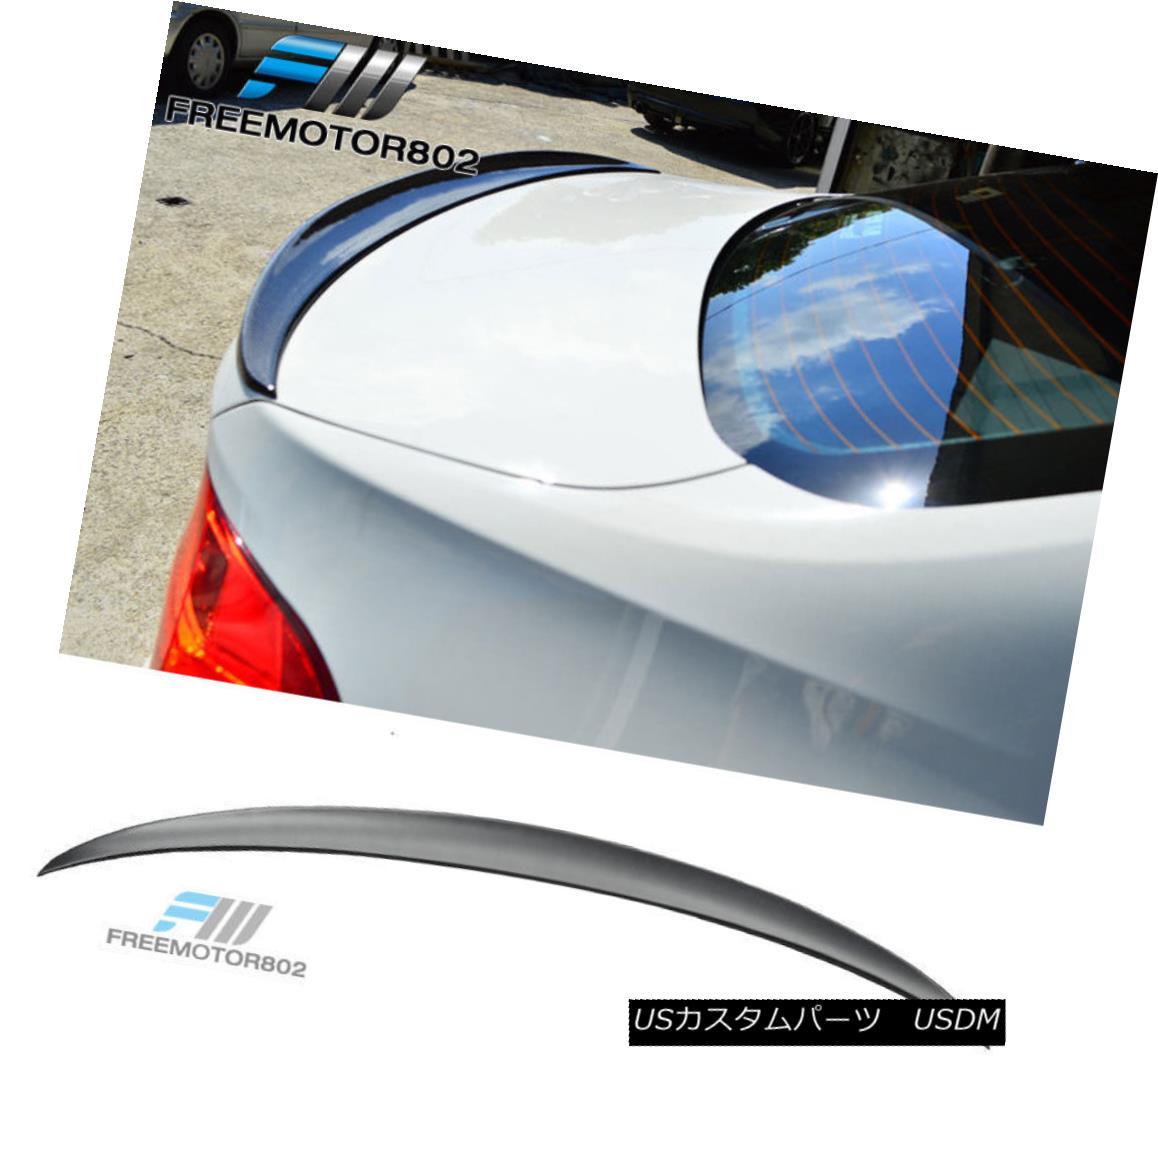 エアロパーツ Fit 12-18 BMW 3-Series F30 Sedan Trunk Spoiler Wing Painted Mineral Gray # B39 フィット12-18 BMW 3シリーズF30セダントランク・スポイラー翼塗装ミネラル・グレー#B39